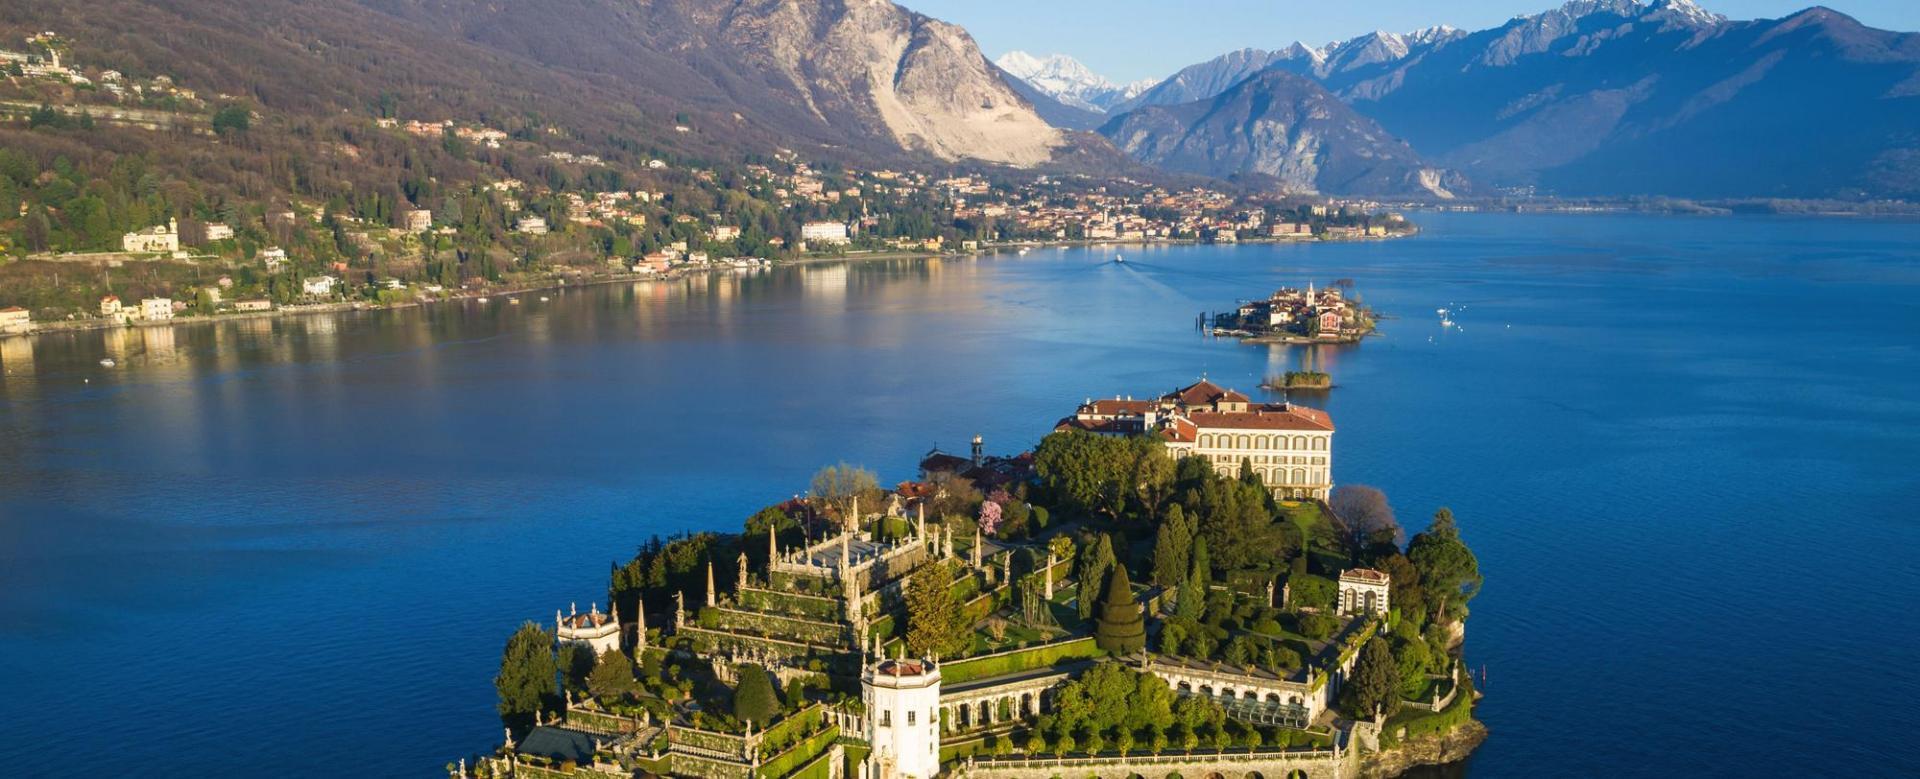 Voyage à pied : Les grands lacs : orta, majeur, lugano et côme